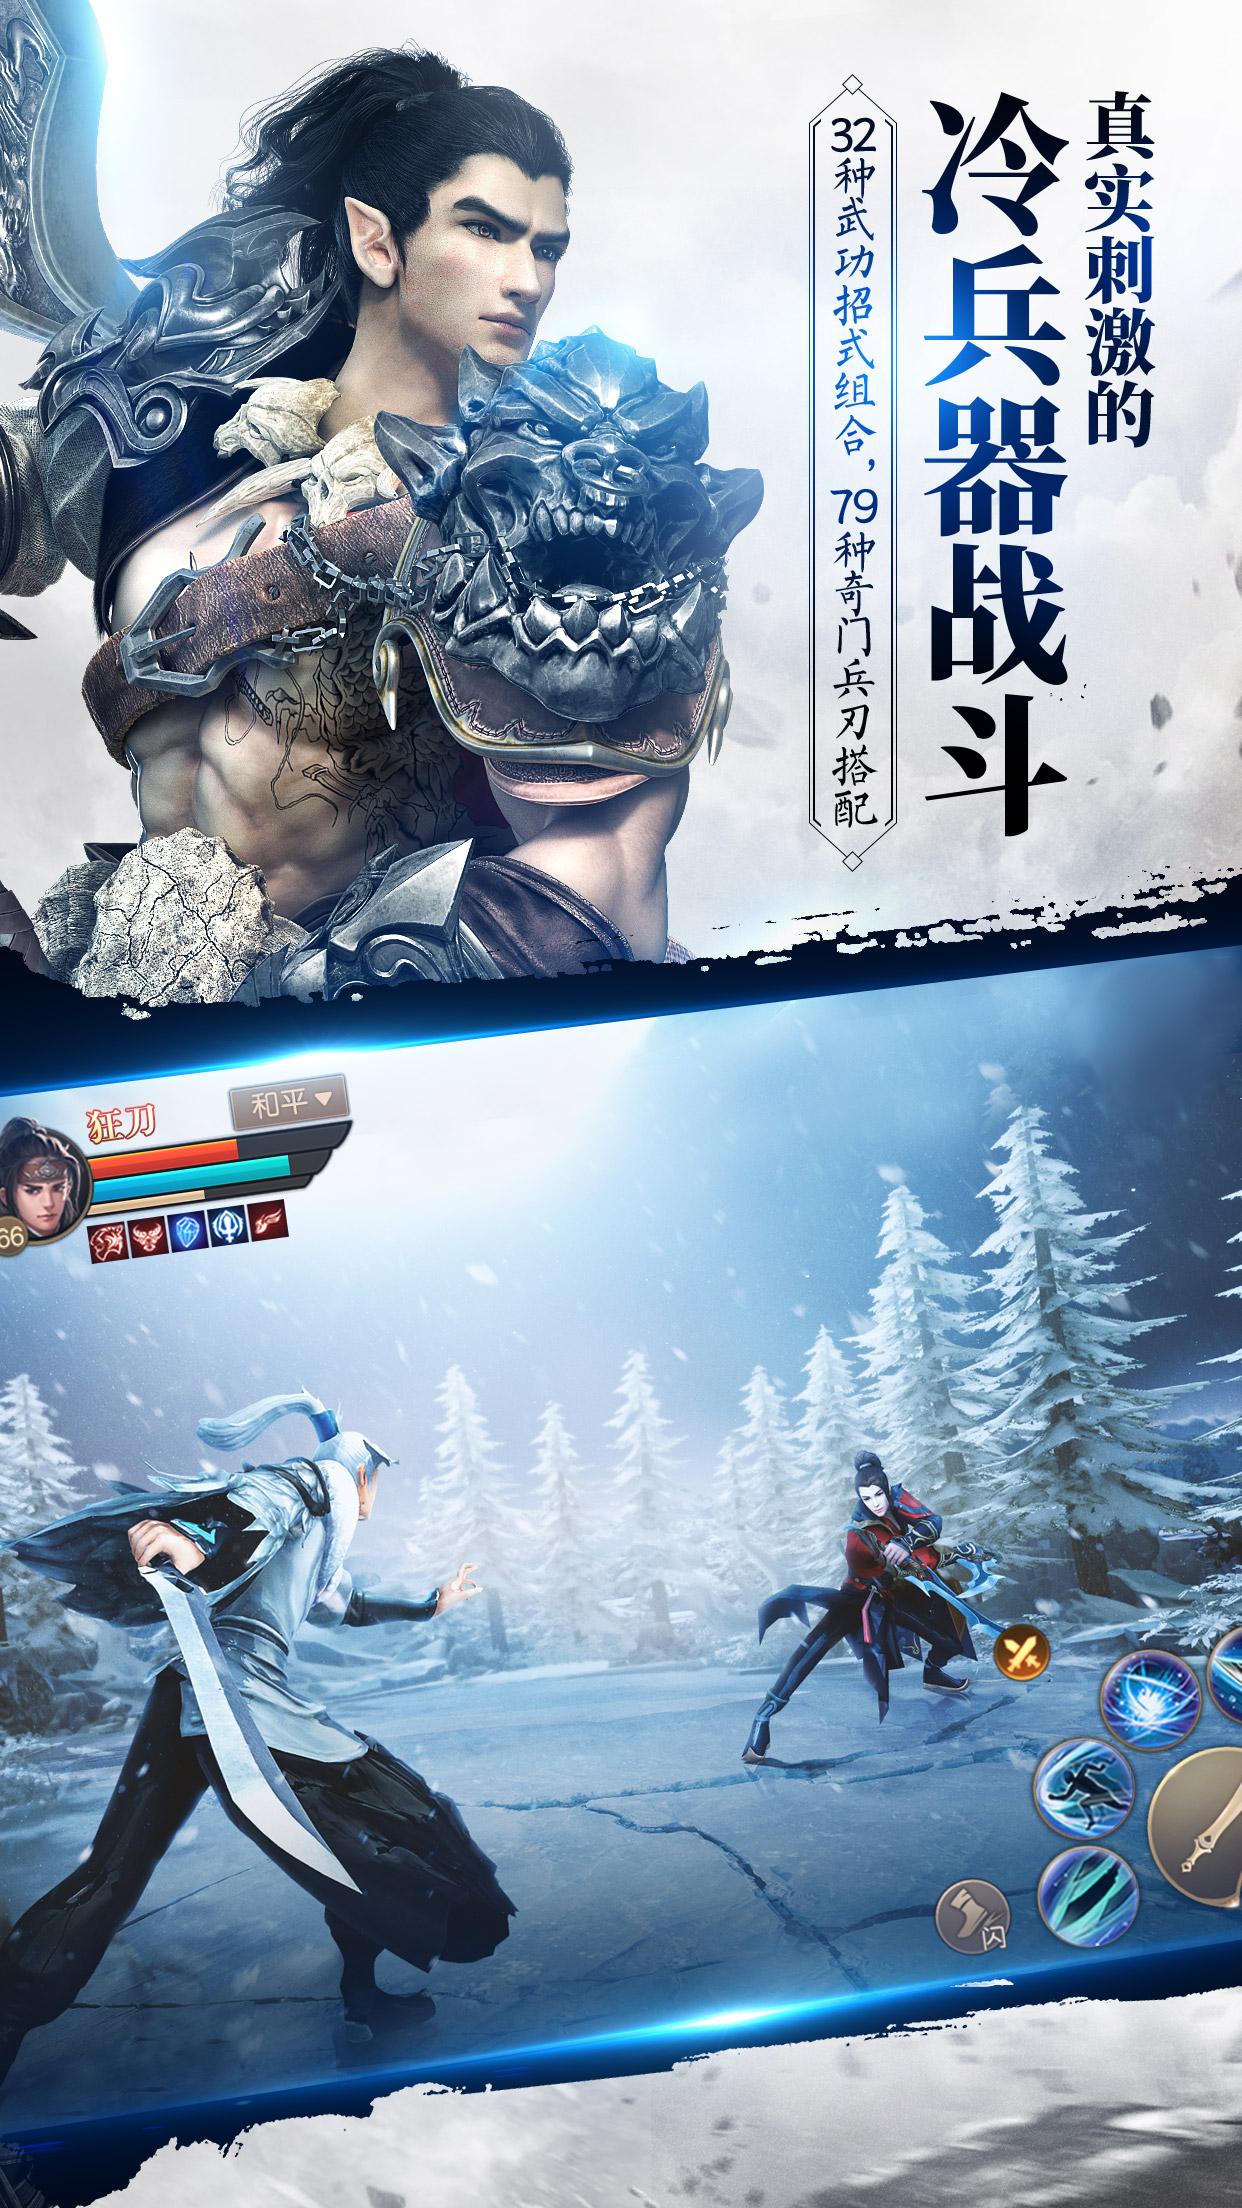 刀剑斗神传图2: